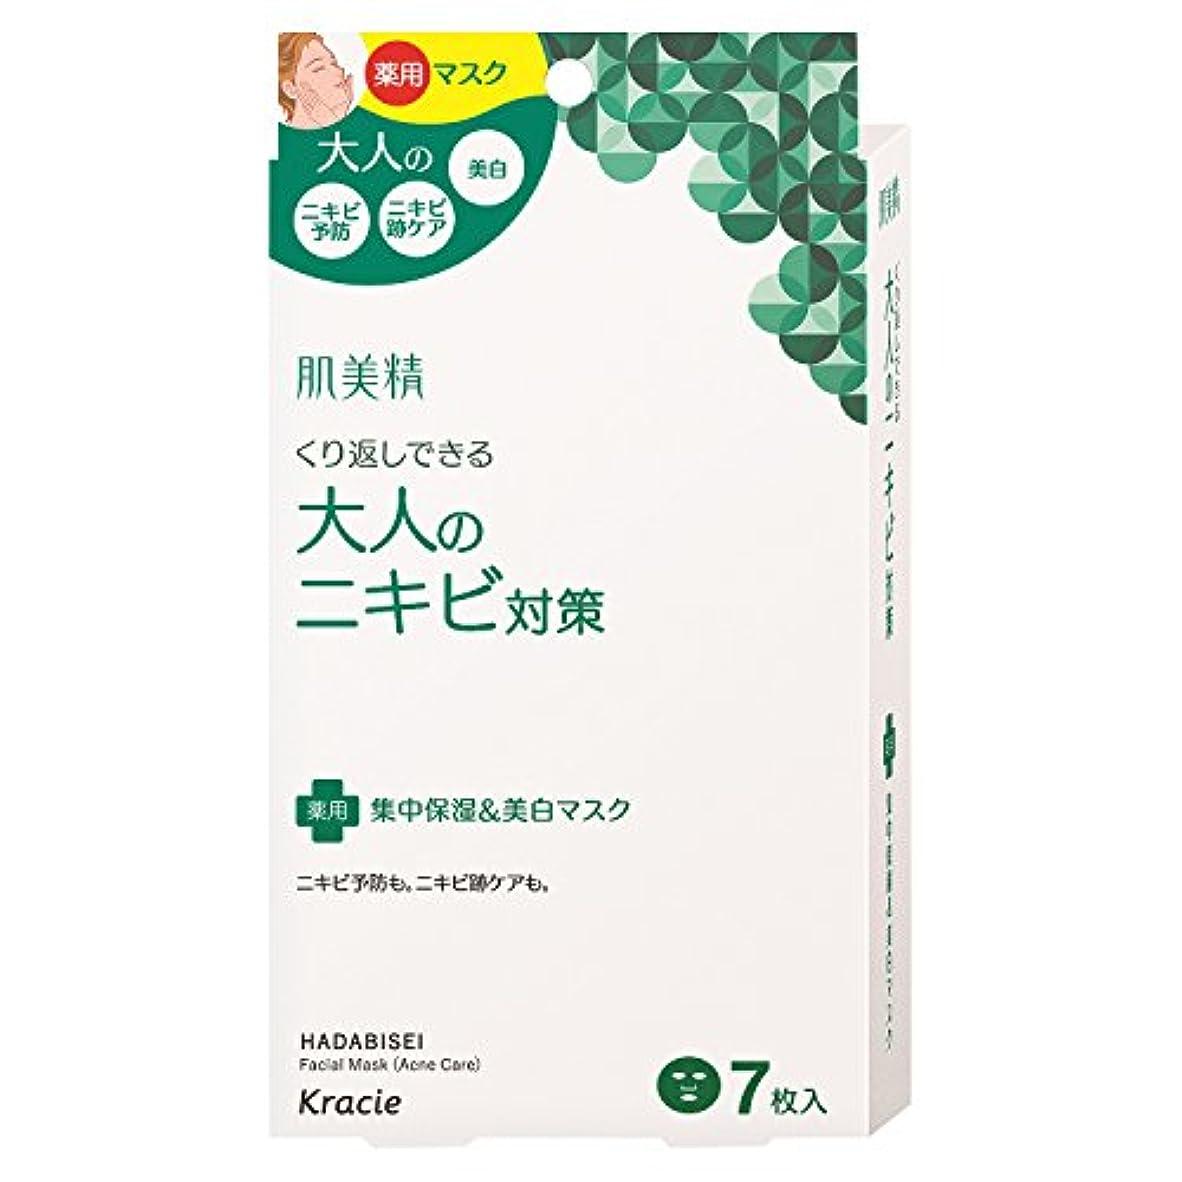 ポスターきらめきソブリケット肌美精 大人のニキビ対策 薬用集中保湿&美白マスク 7枚 (医薬部外品)